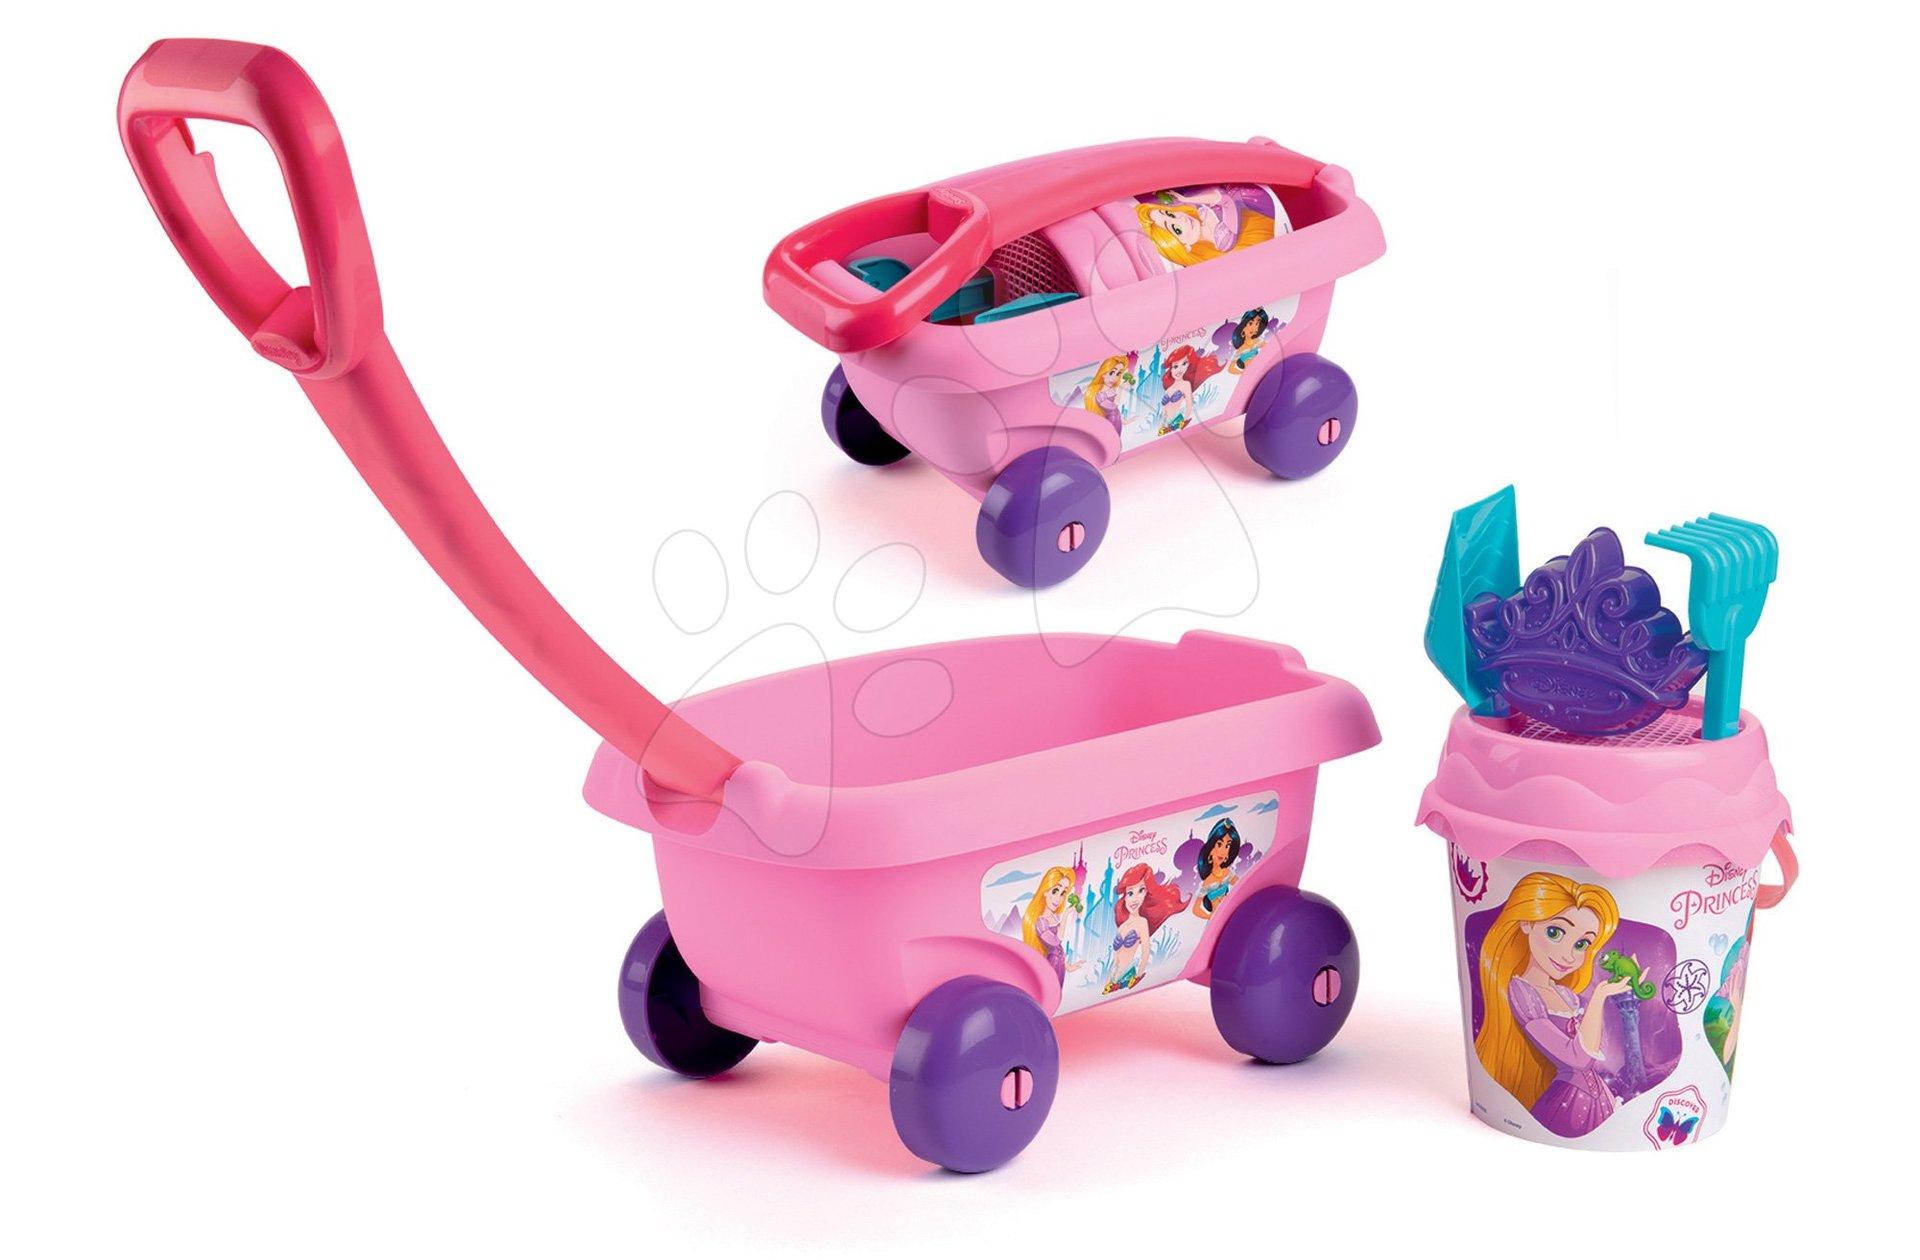 Detský vozík na ťahanie Disney Princess Smoby s vedro setom do piesku ružový (vedro výška 17 cm) od 18 mes